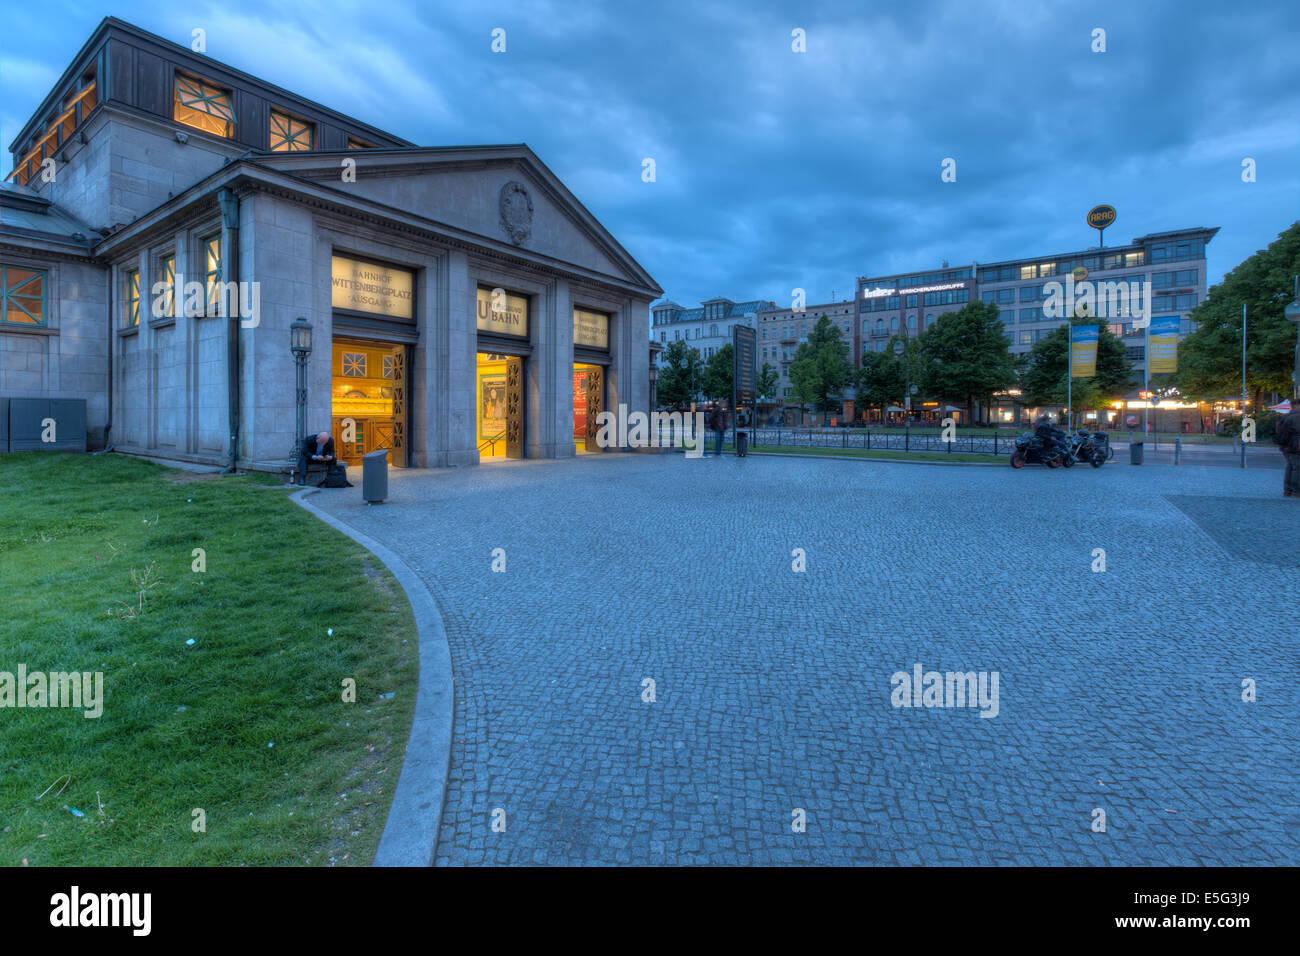 Die historischen Wittenbergplatz U-Bahnstation am westlichen Ende von Berlin-Mitte. Stockbild